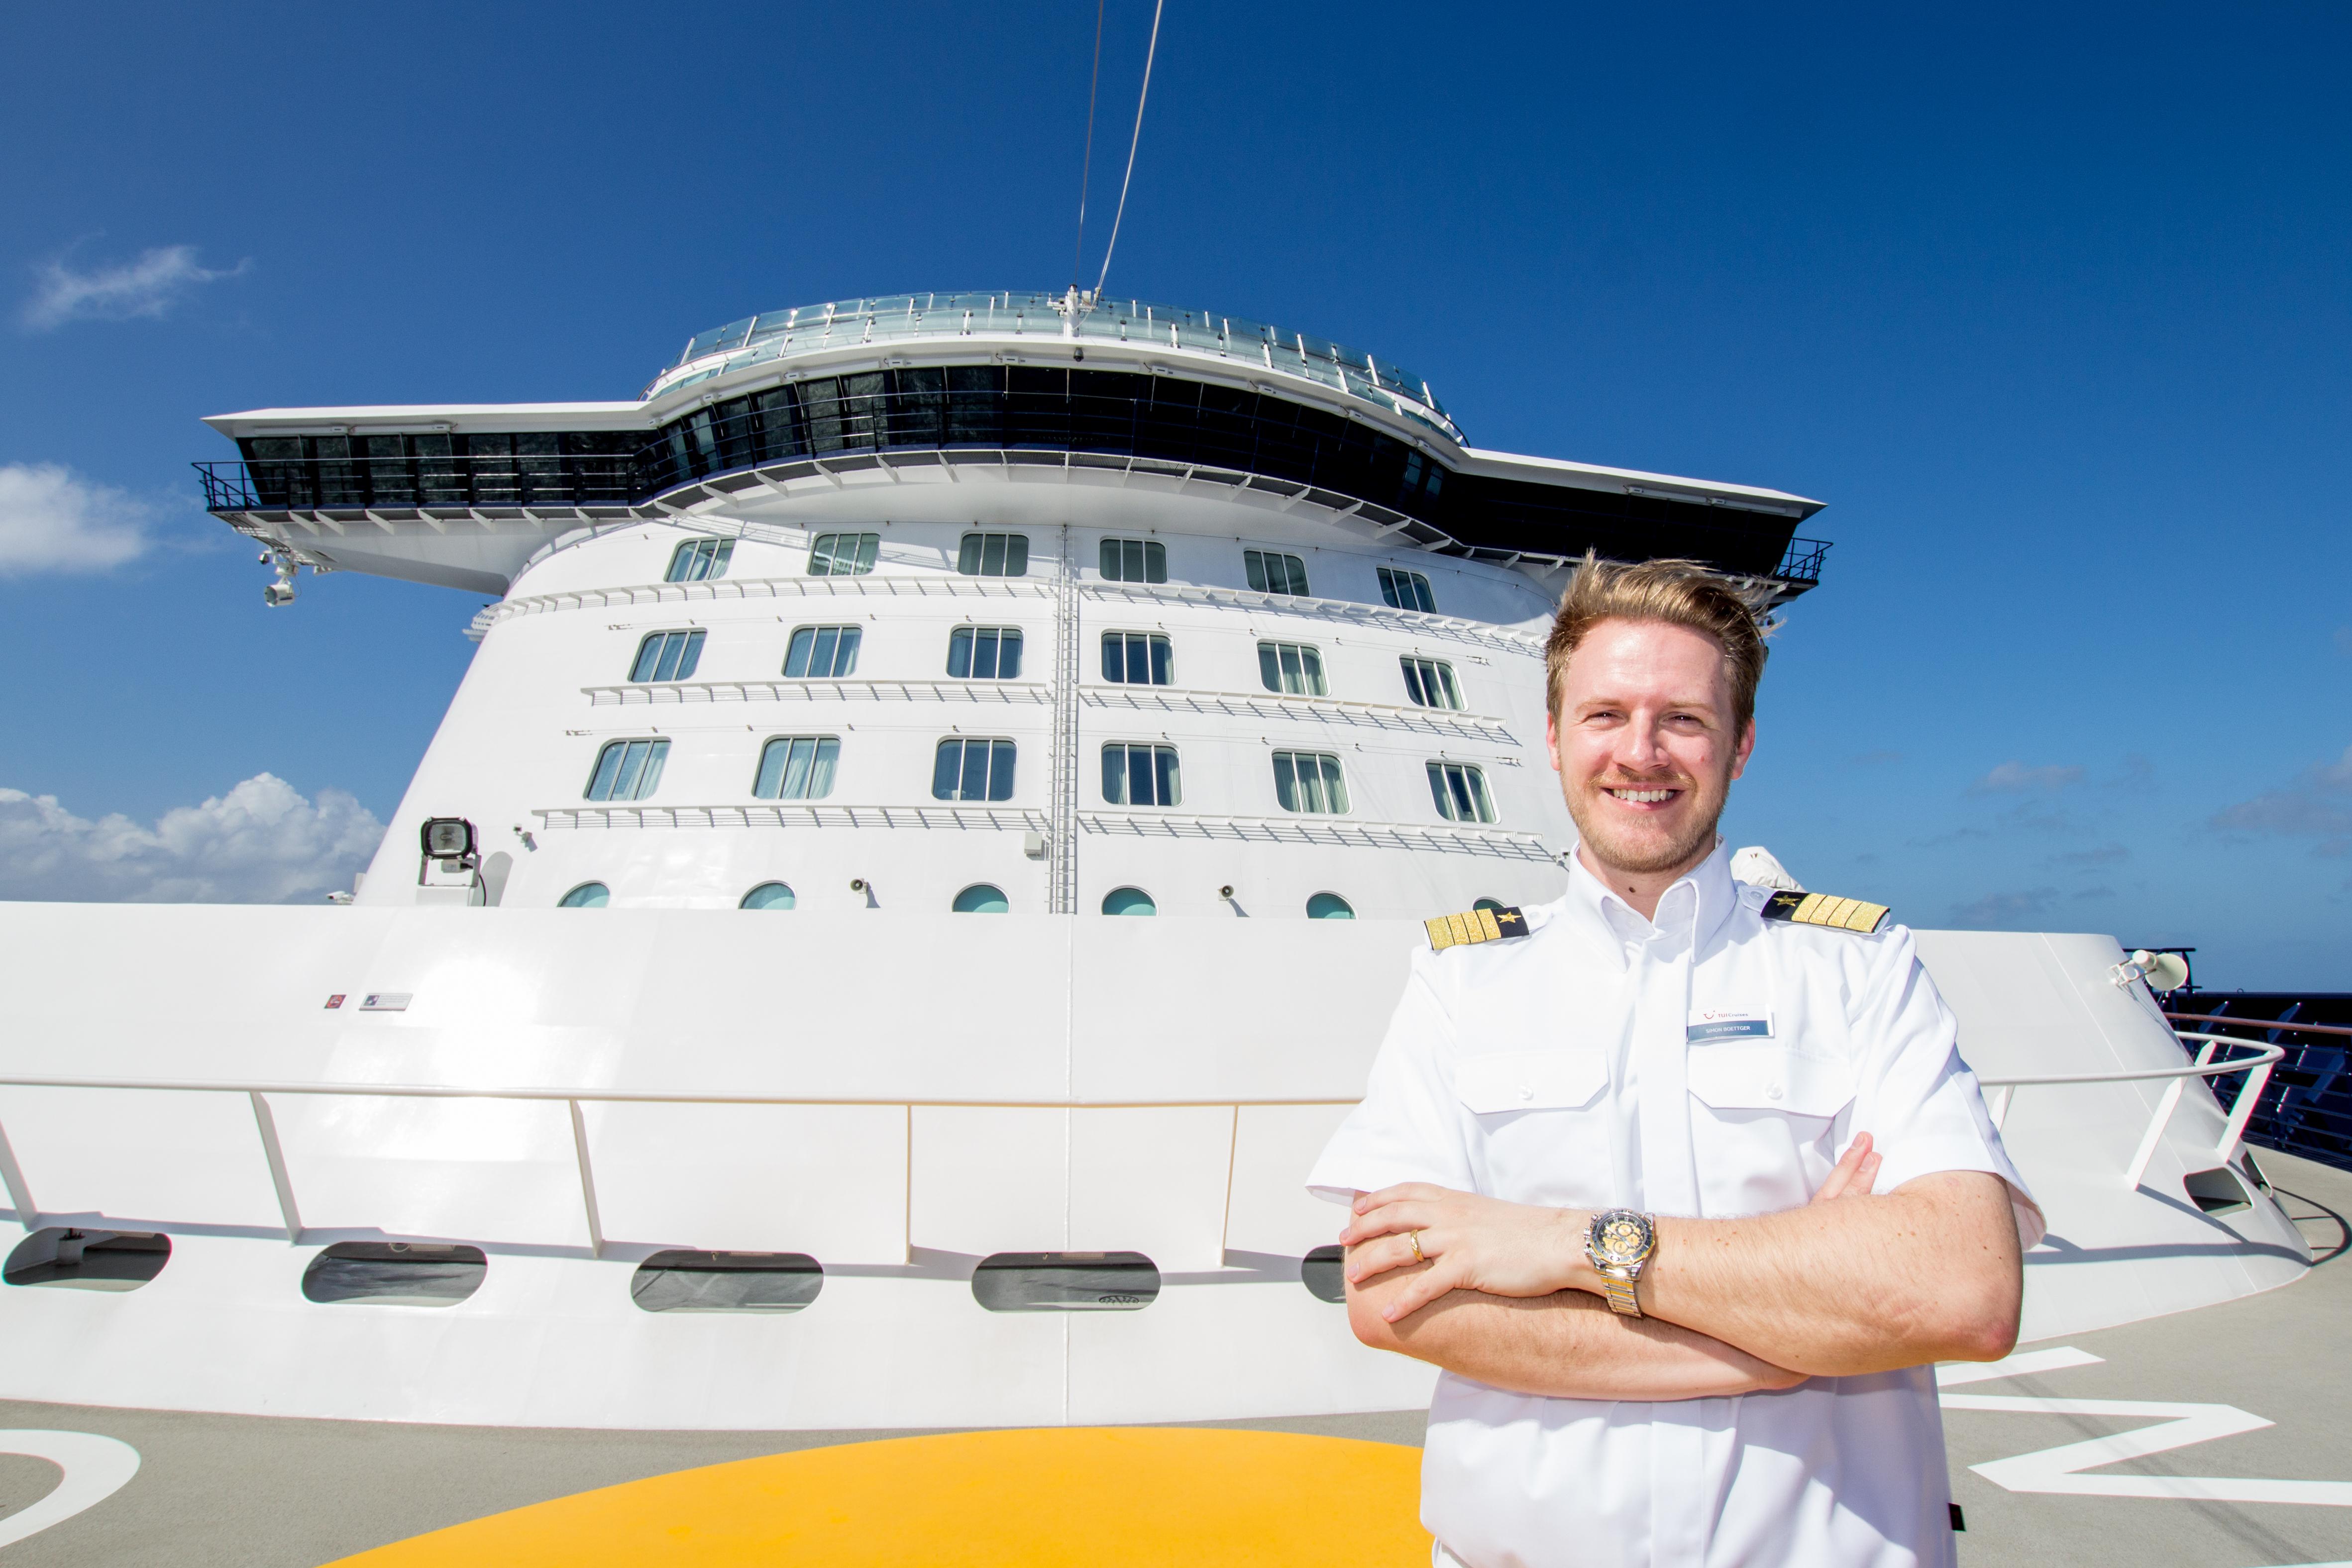 Da oben auf der Brücke arbeitet Mein Schiff Kapitän Simon Böttger mit seinem Team